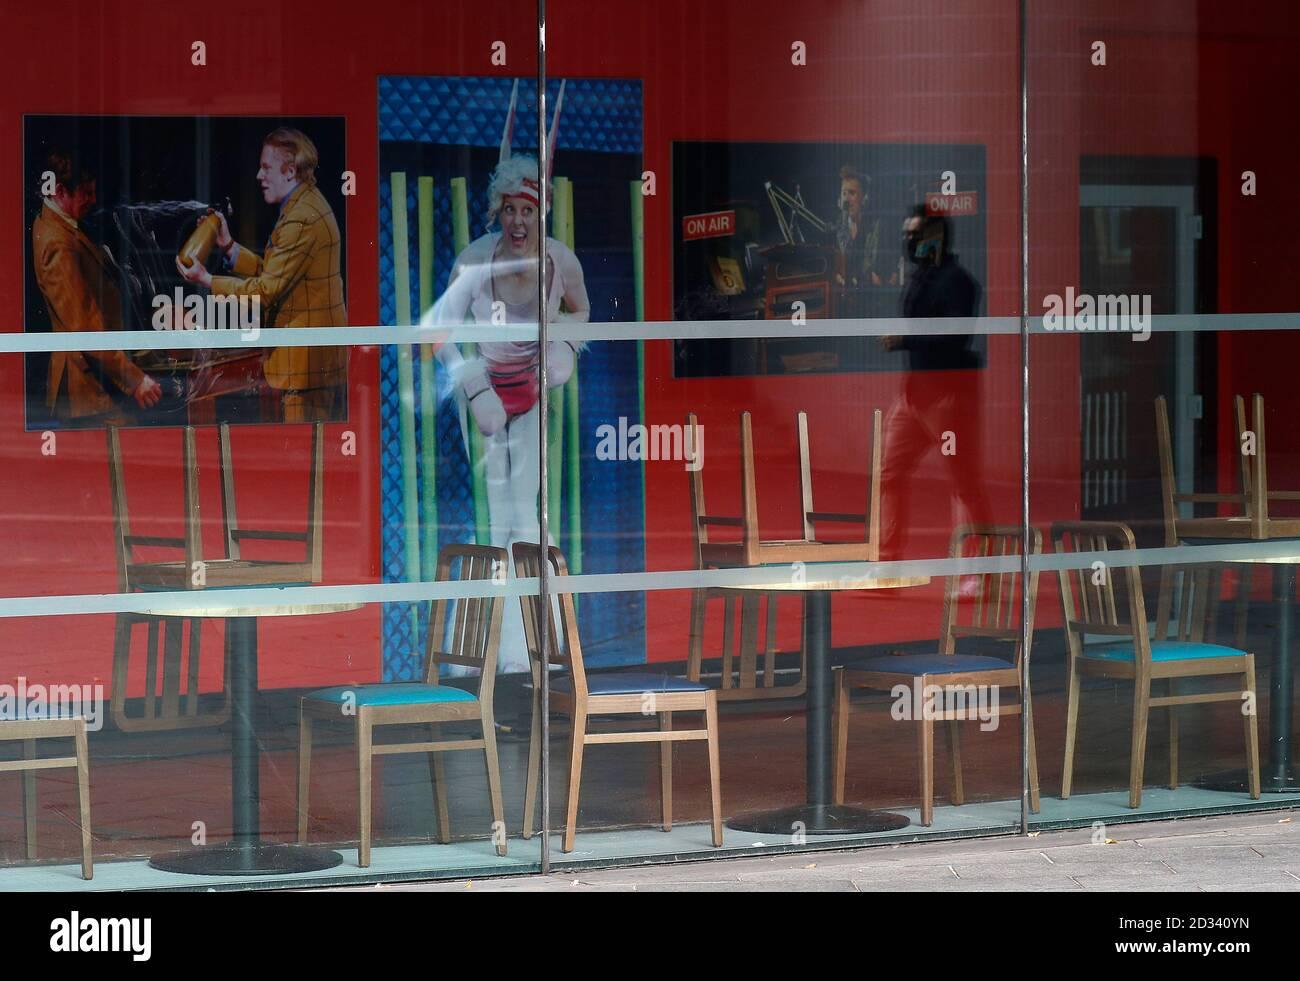 Leicester, Leicestershire, Reino Unido. 7 de octubre de 2020. Un hombre se refleja en la ventana del Teatro de curva cerrada 100 días desde que se anunció el primer bloqueo de la pandemia de coronavirus local UKÕs en la ciudad. Darren Staples/Alamy Live News. Foto de stock